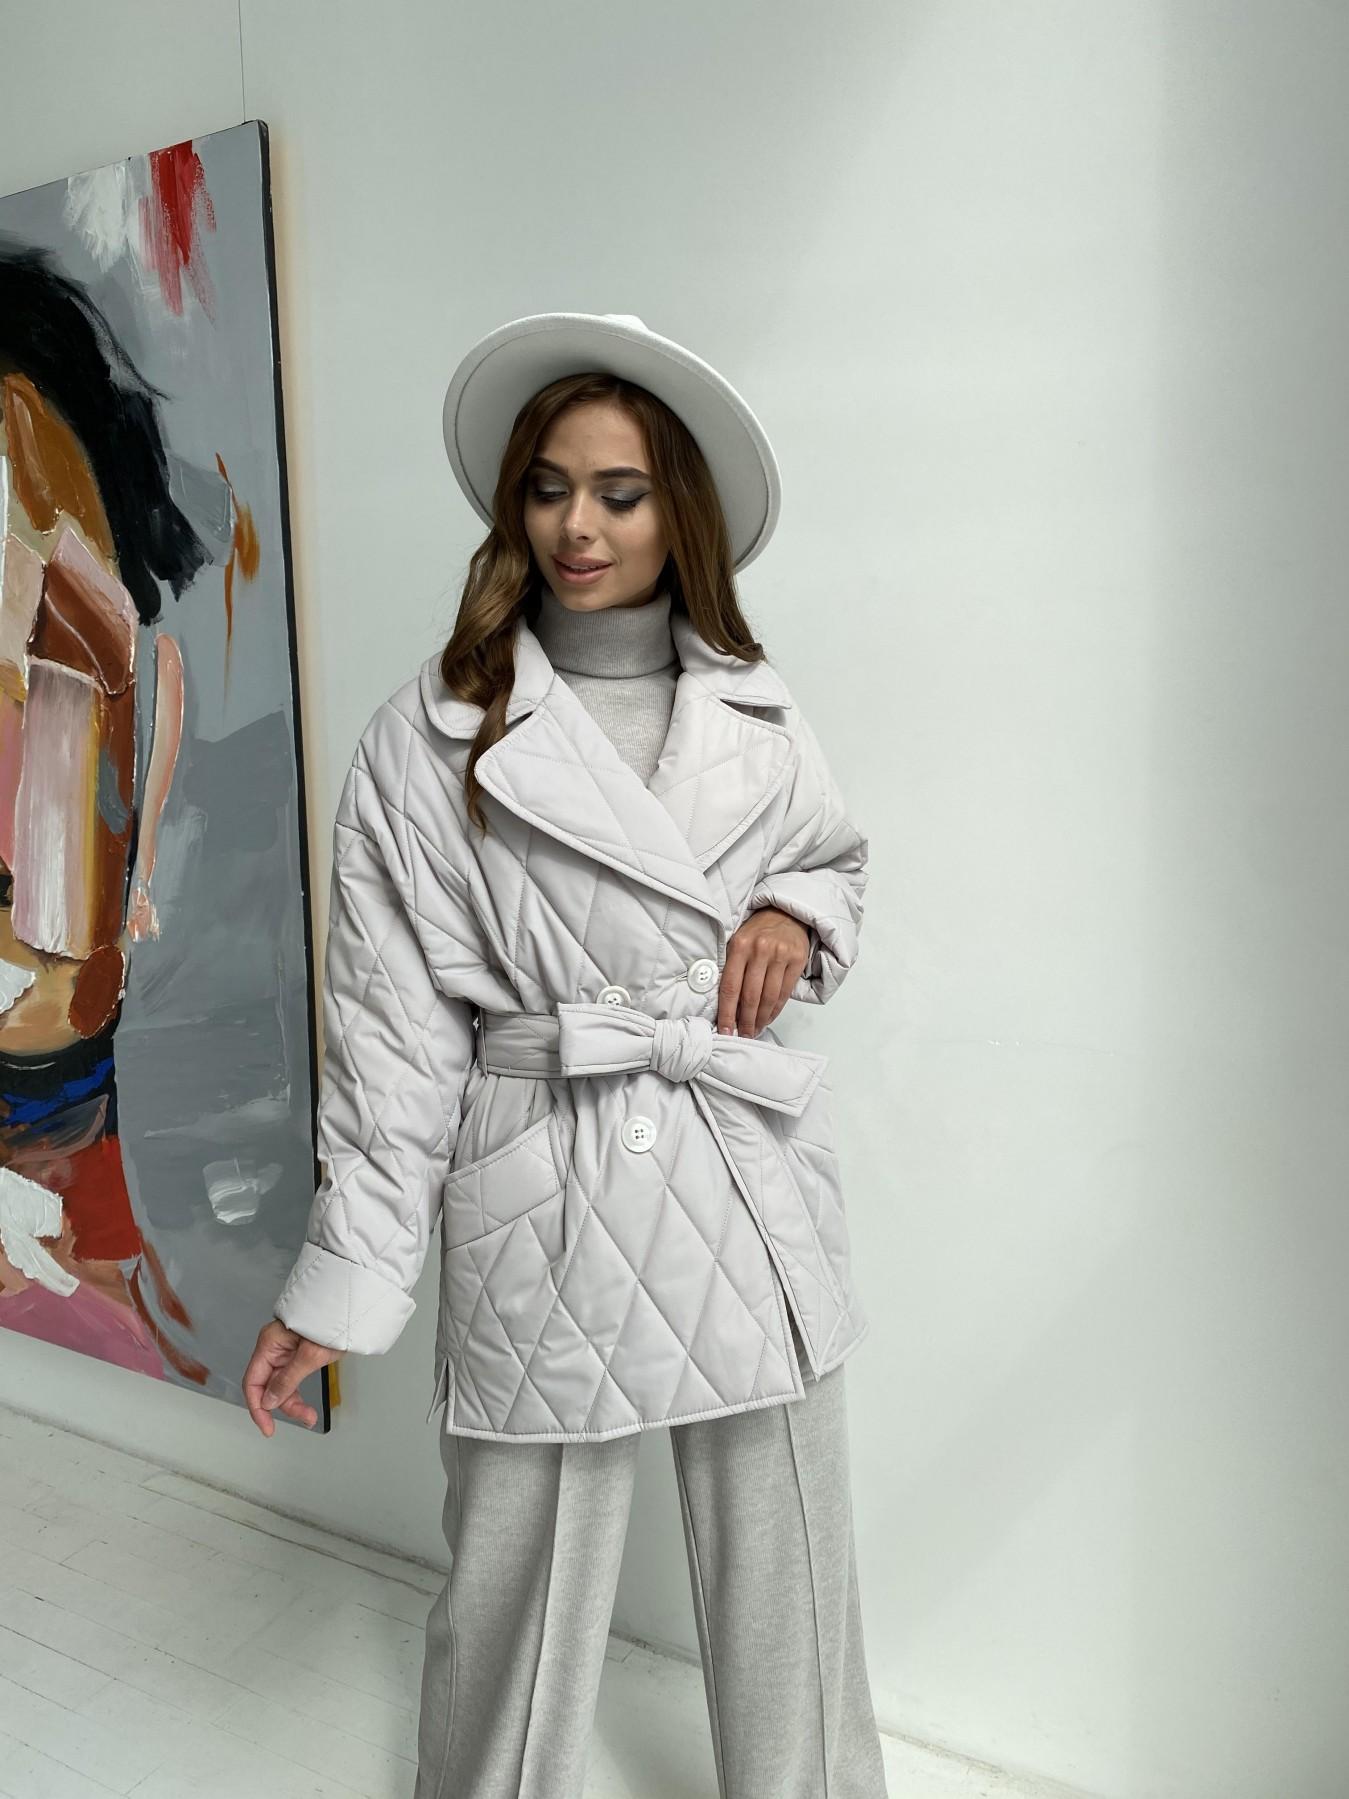 Норд стеганая куртка из плащеки 11770  АРТ. 48510 Цвет: Бежевый 971 - фото 2, интернет магазин tm-modus.ru